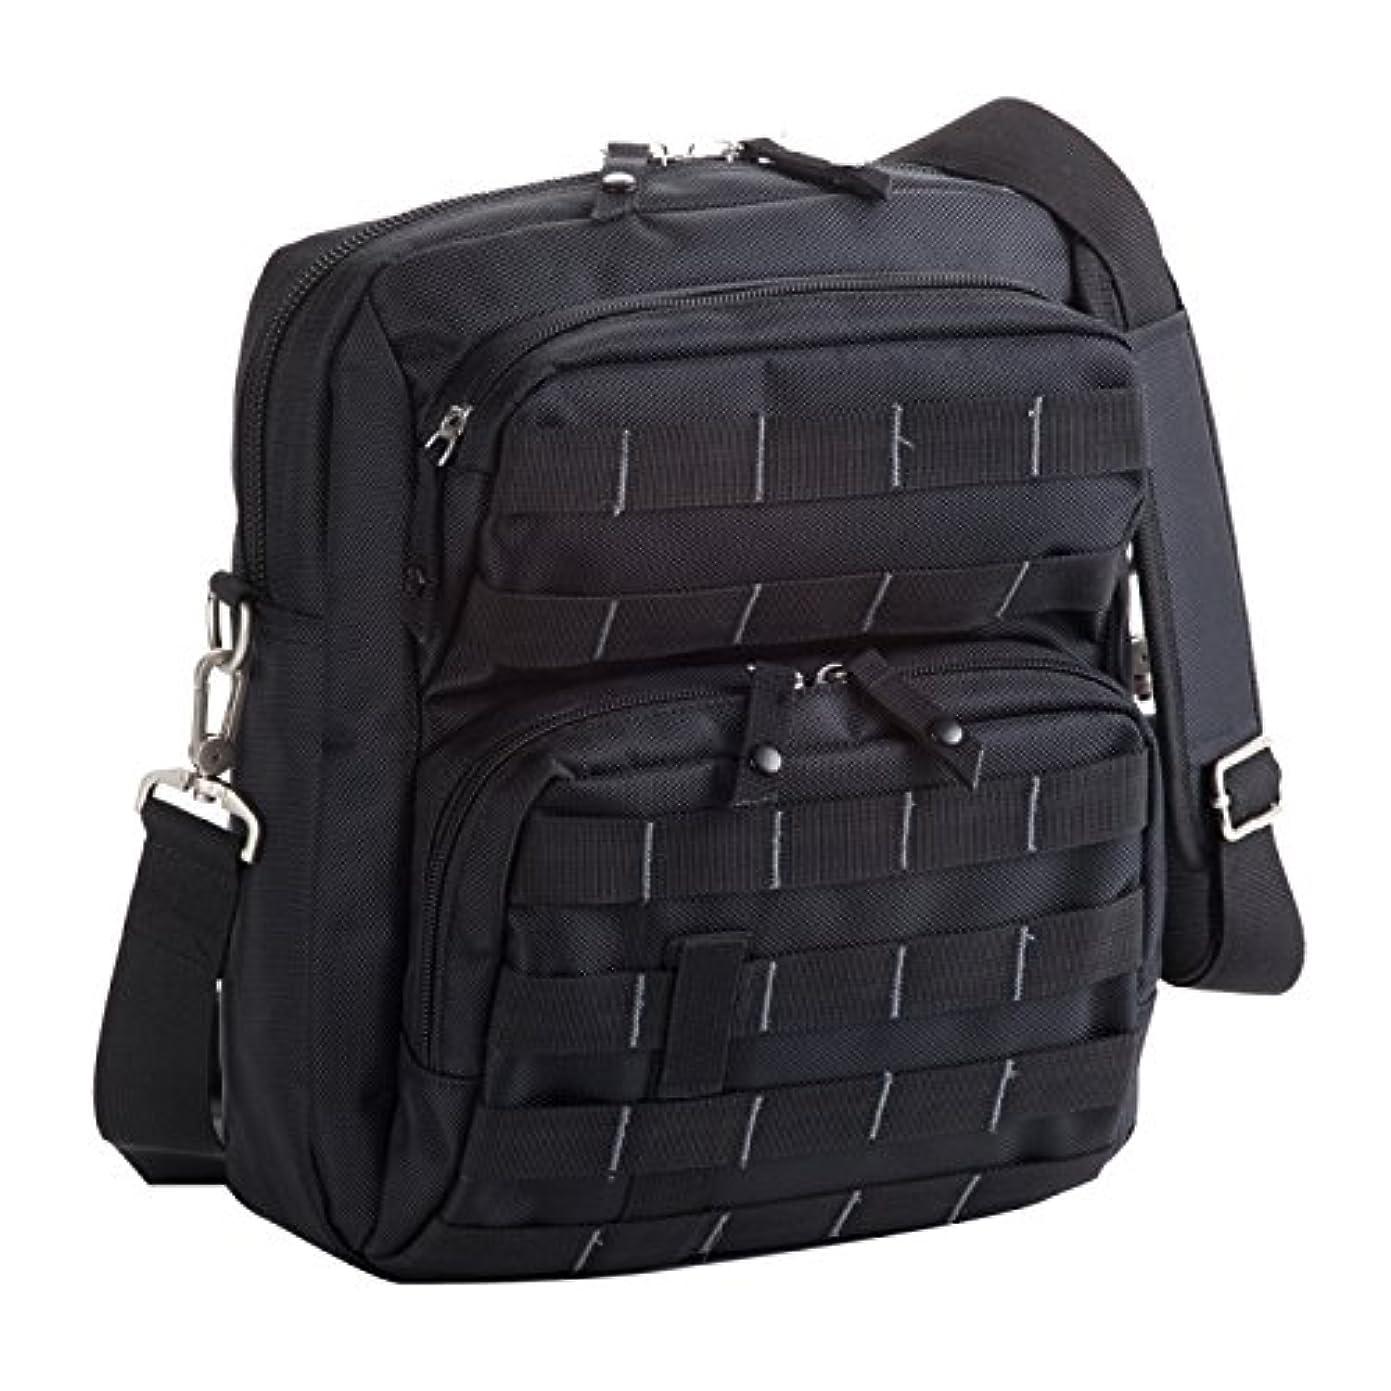 不純プランター抗生物質メンズ 紳士 バッグ 肩掛けカバン マグナム MBZシリーズ ショルダーバッグ 黒 33657